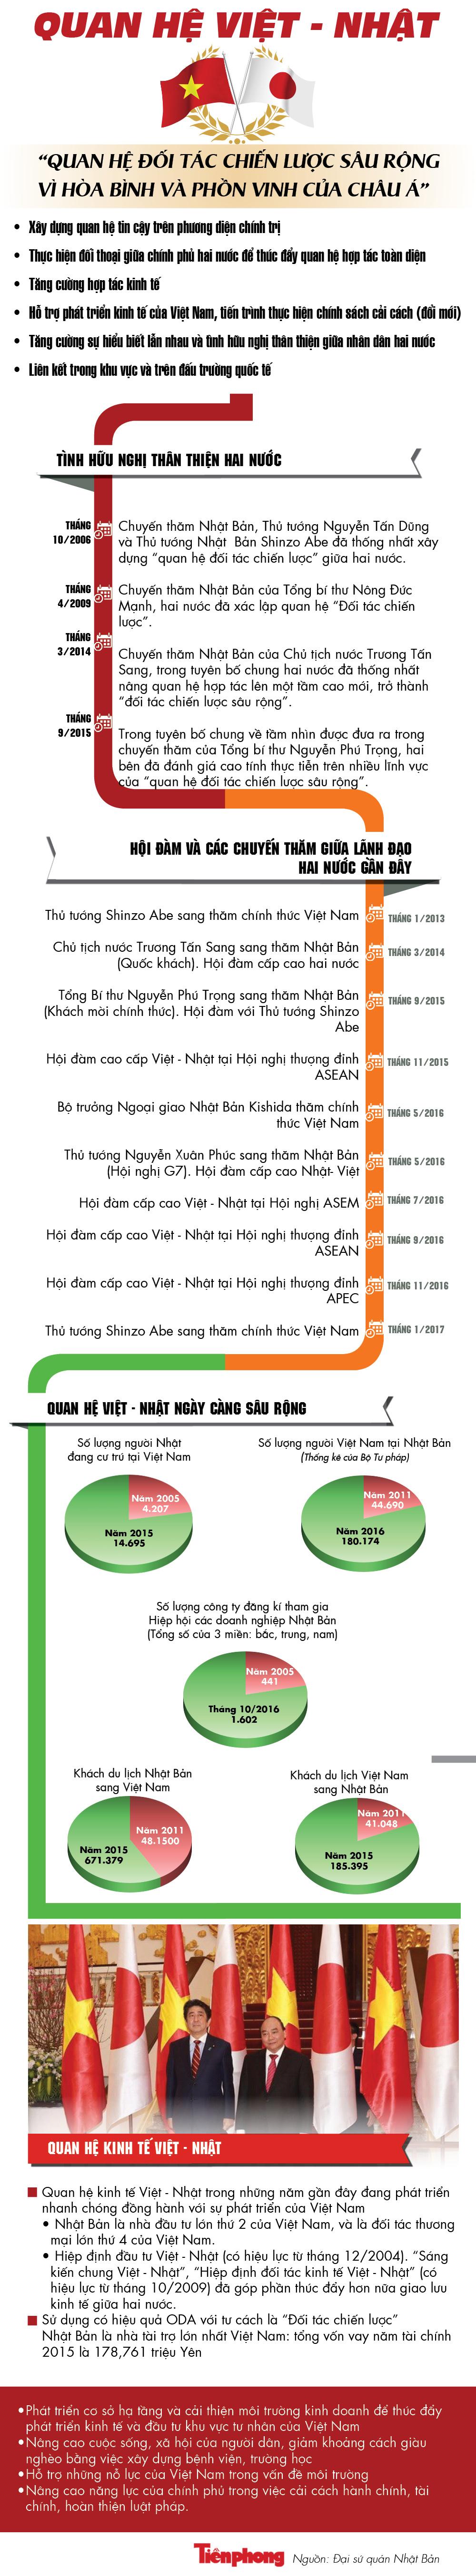 [ĐỒ HỌA] Quan hệ Việt - Nhật: Những bước phát triển vượt bậc - ảnh 1